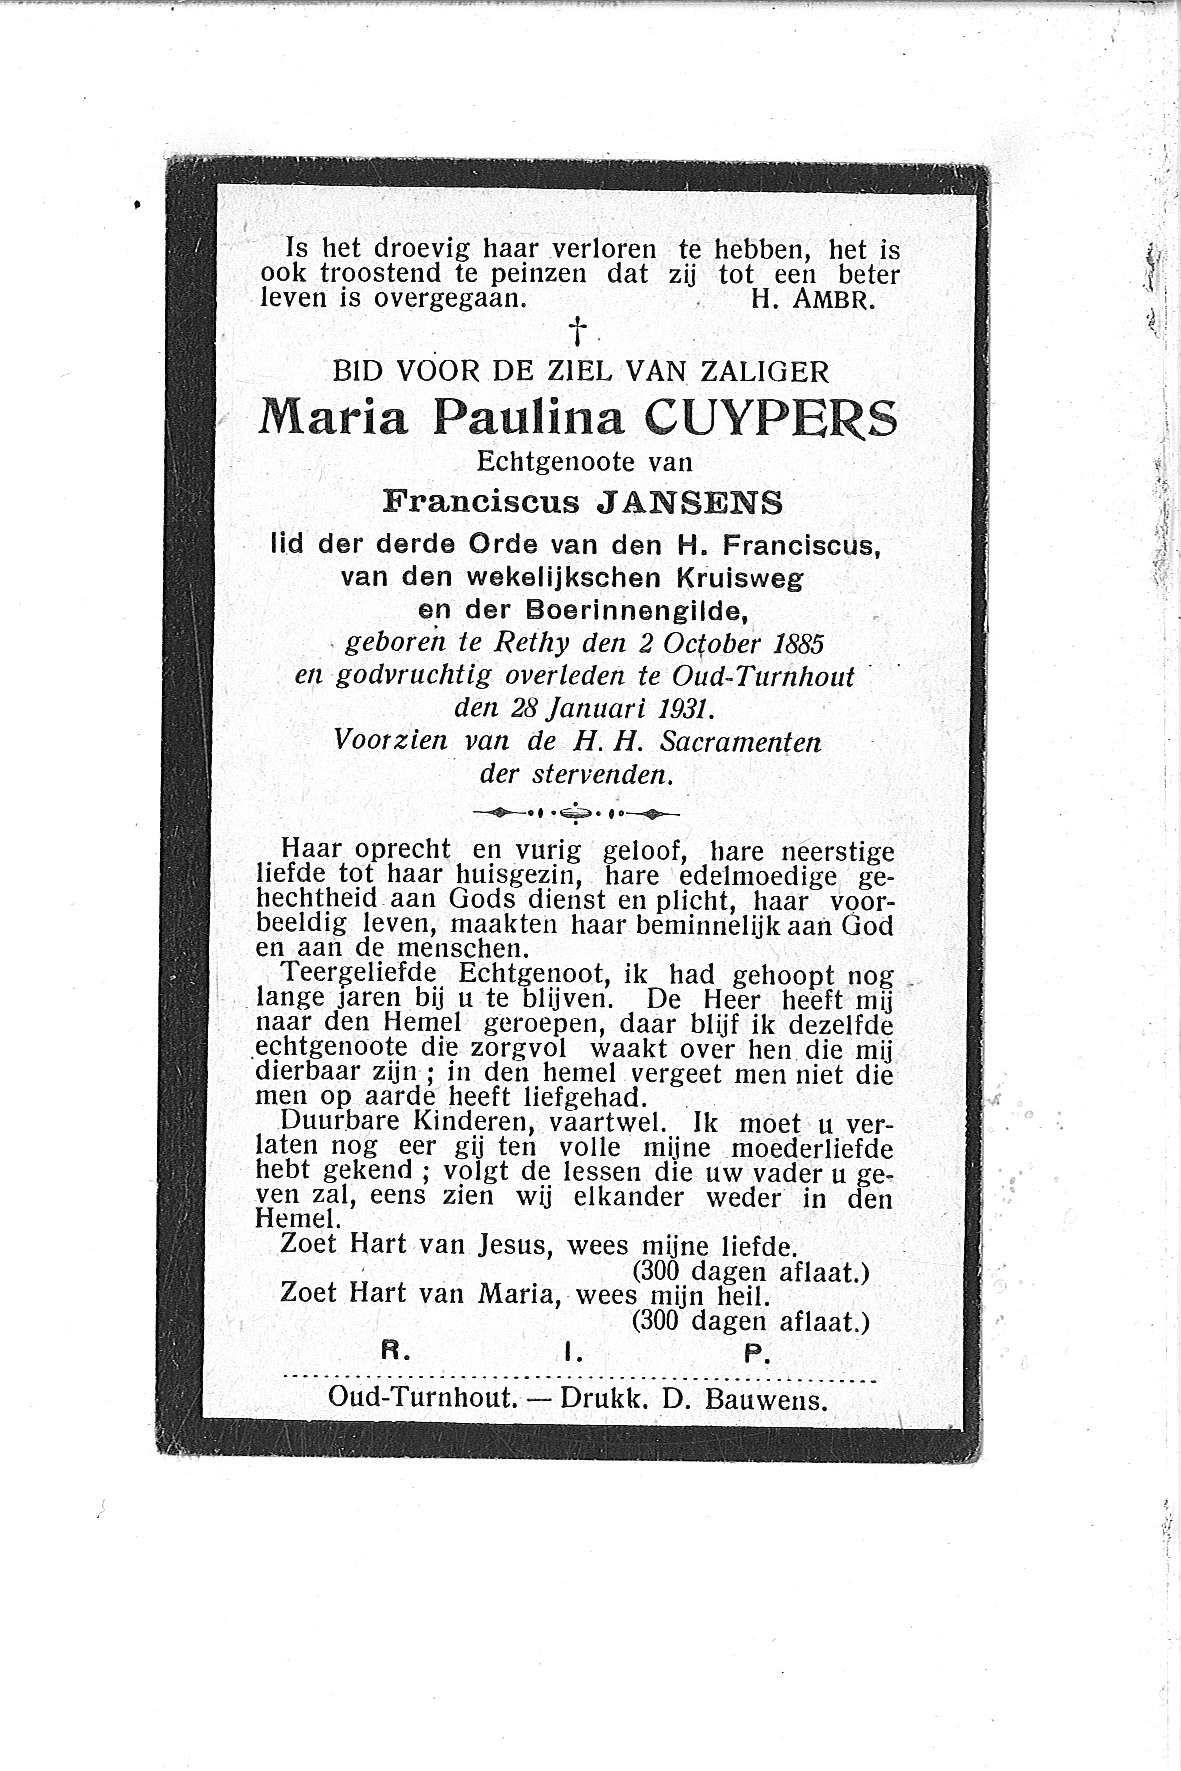 Maria Paulina (1931) 20120123114116_00200.jpg